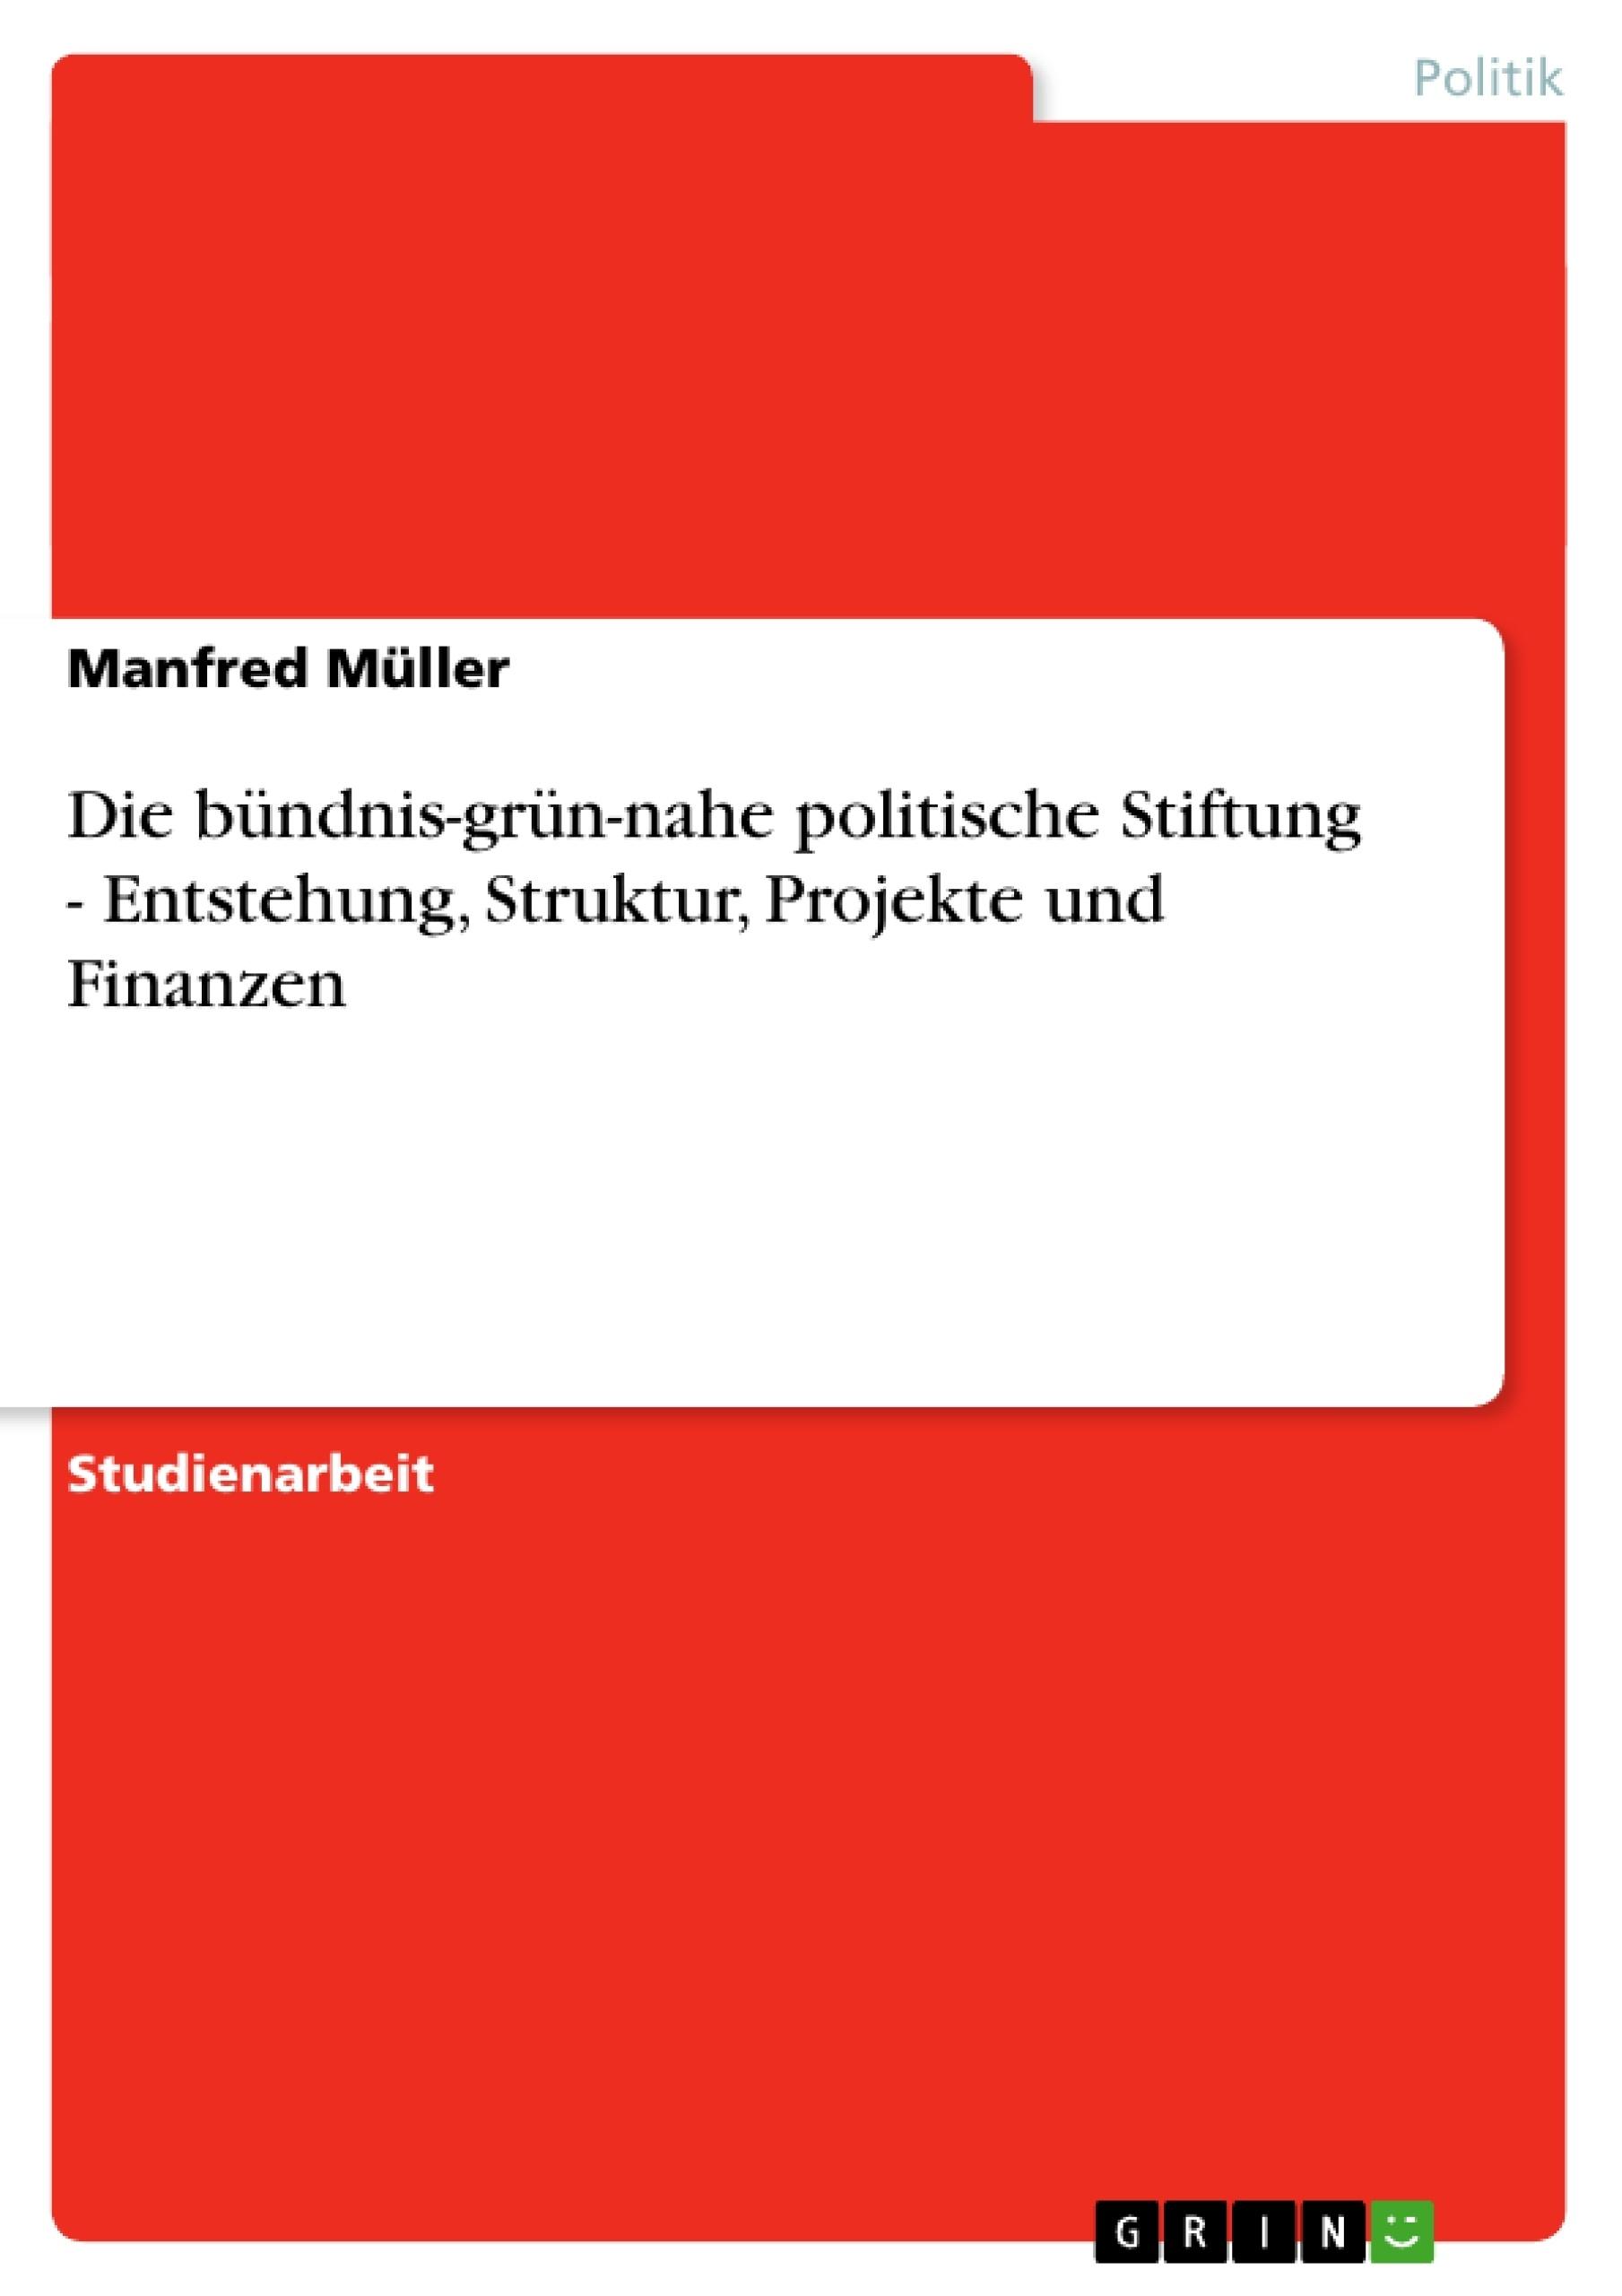 Titel: Die bündnis-grün-nahe politische Stiftung - Entstehung, Struktur, Projekte und Finanzen